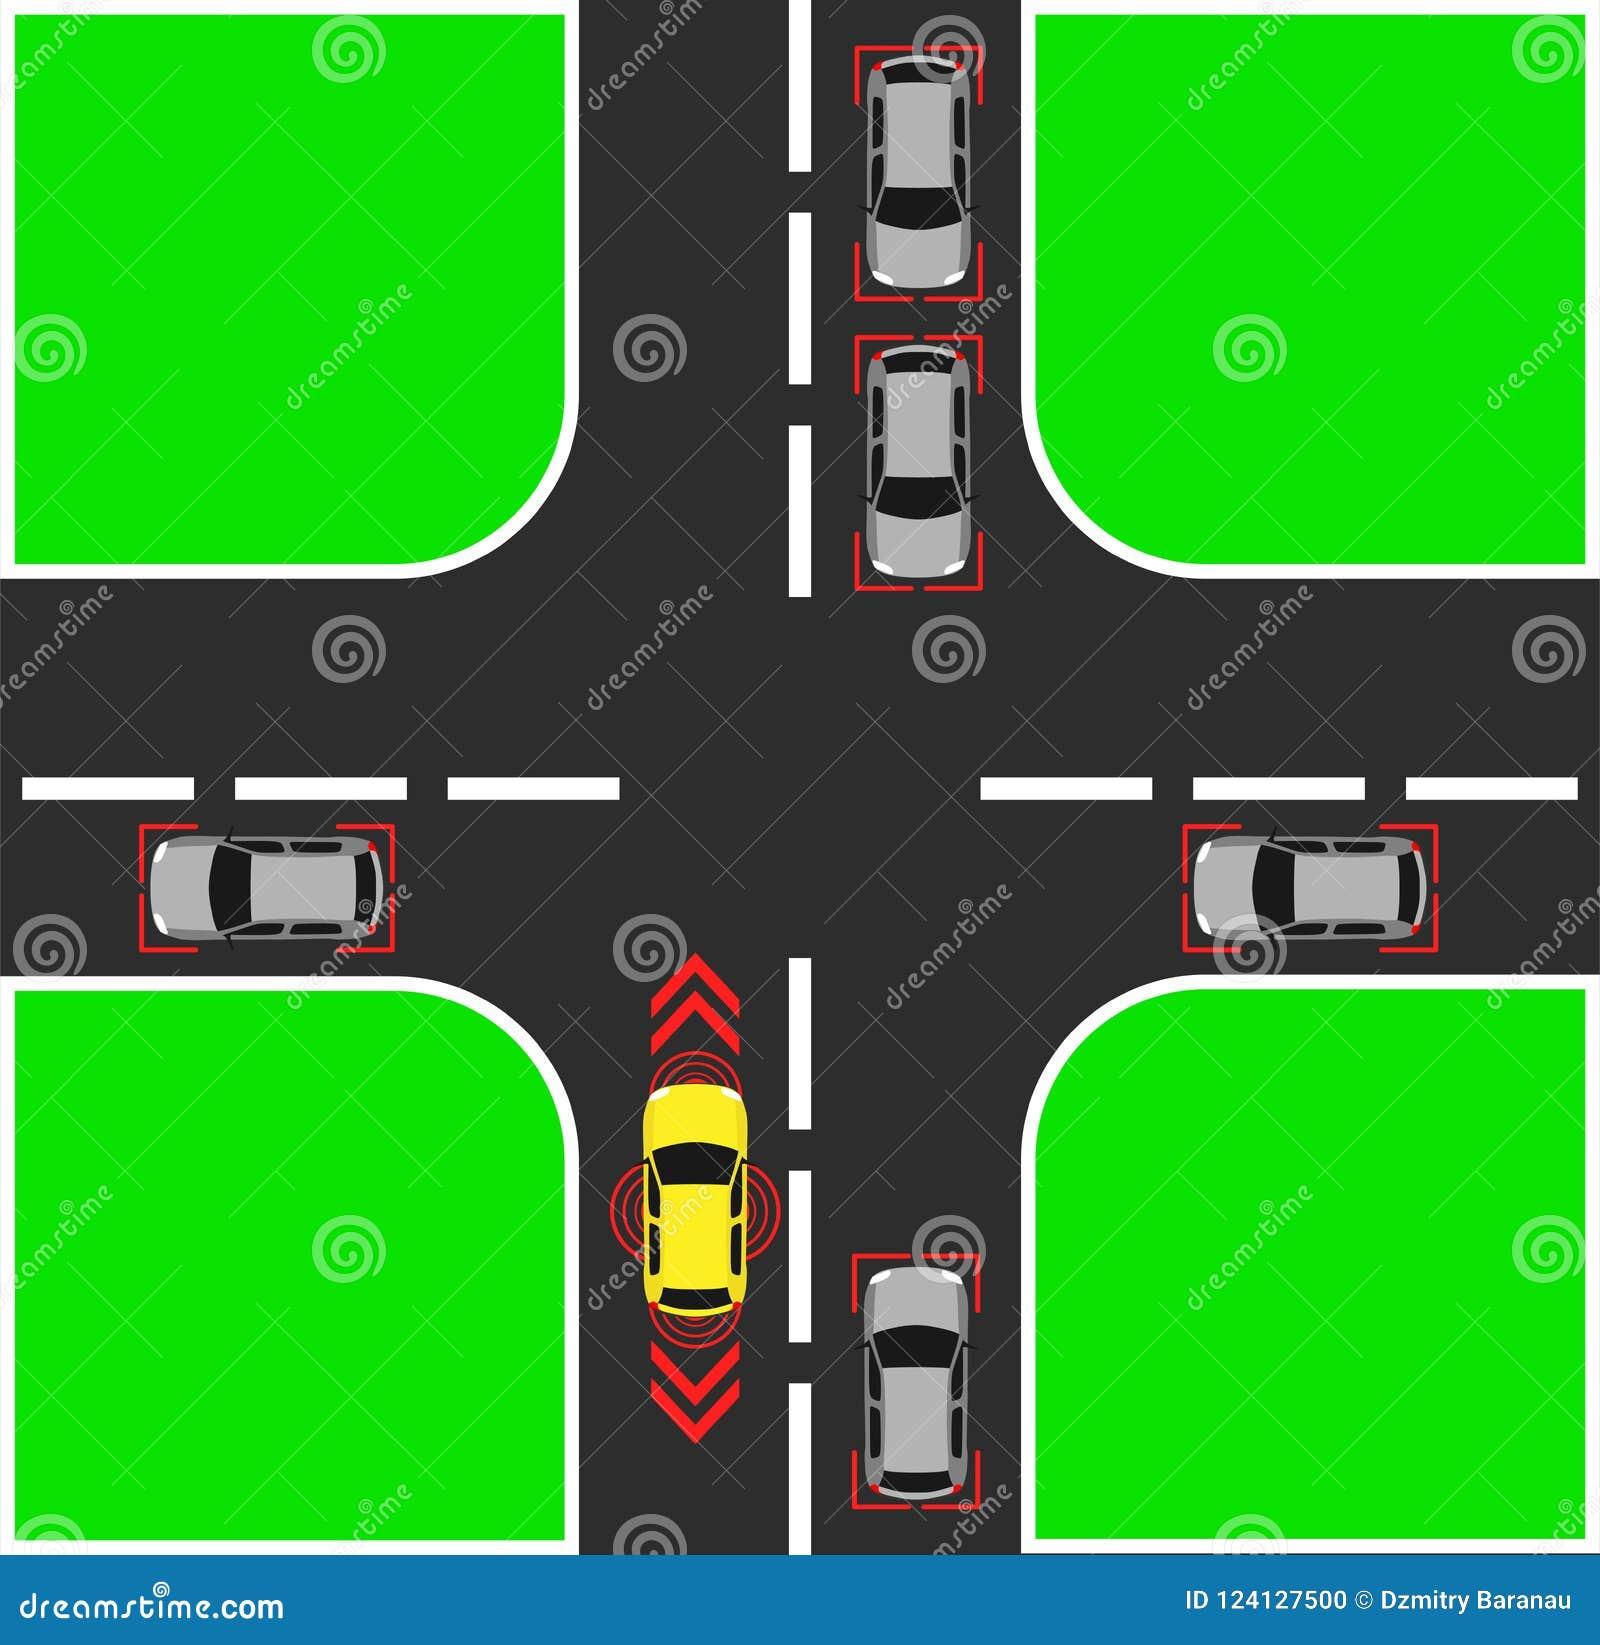 Autonom bakgrund för bästa sikt för bil Digital medel ovanför illustration Symbol för vektor för smart designsjälv isolerat drive